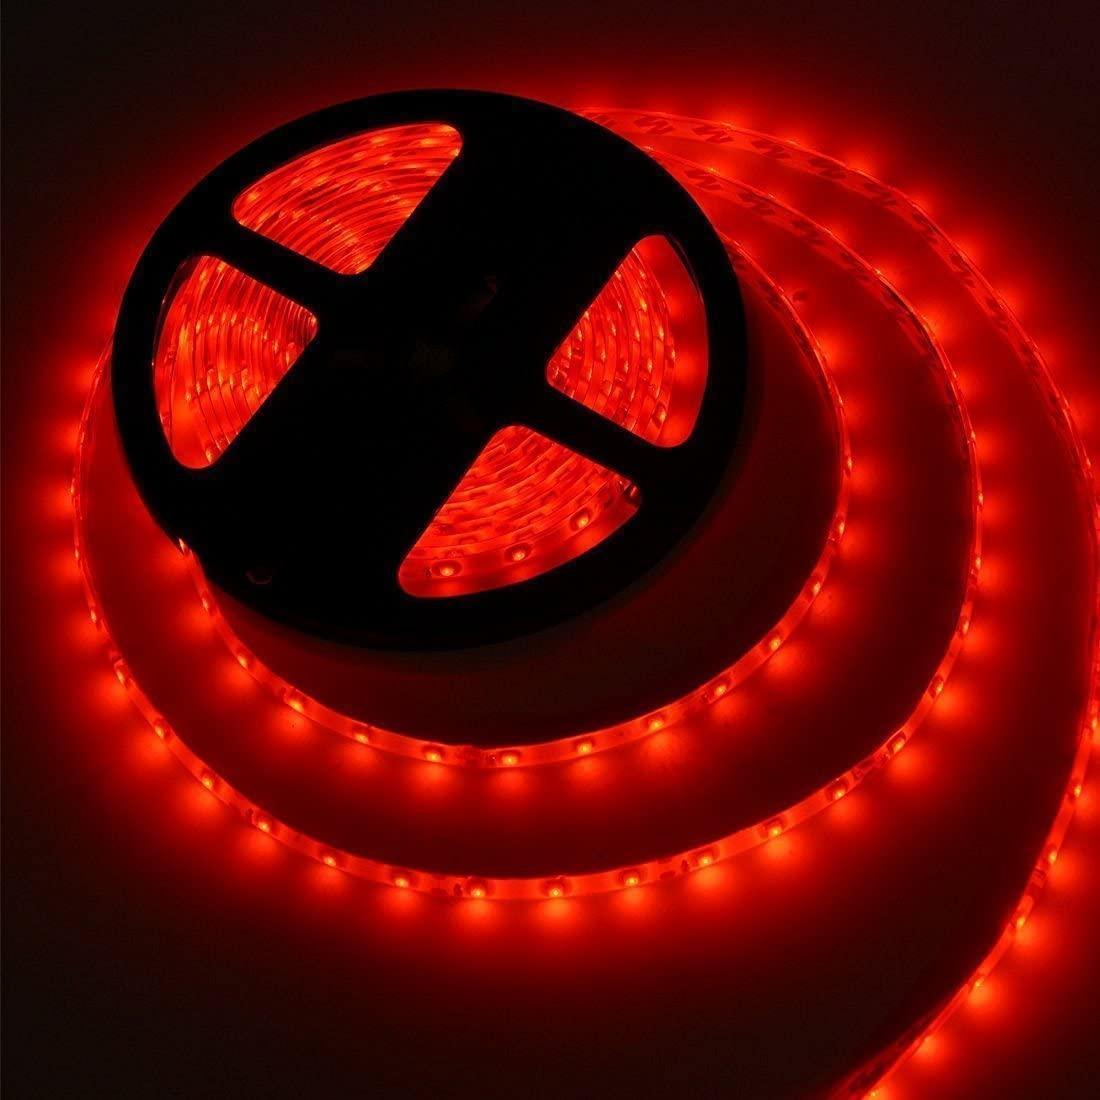 Стрічка червона 14,4W/м вологозихищена 60LED/м IP65 світлодіодна МТК-300RF5050-12 №1